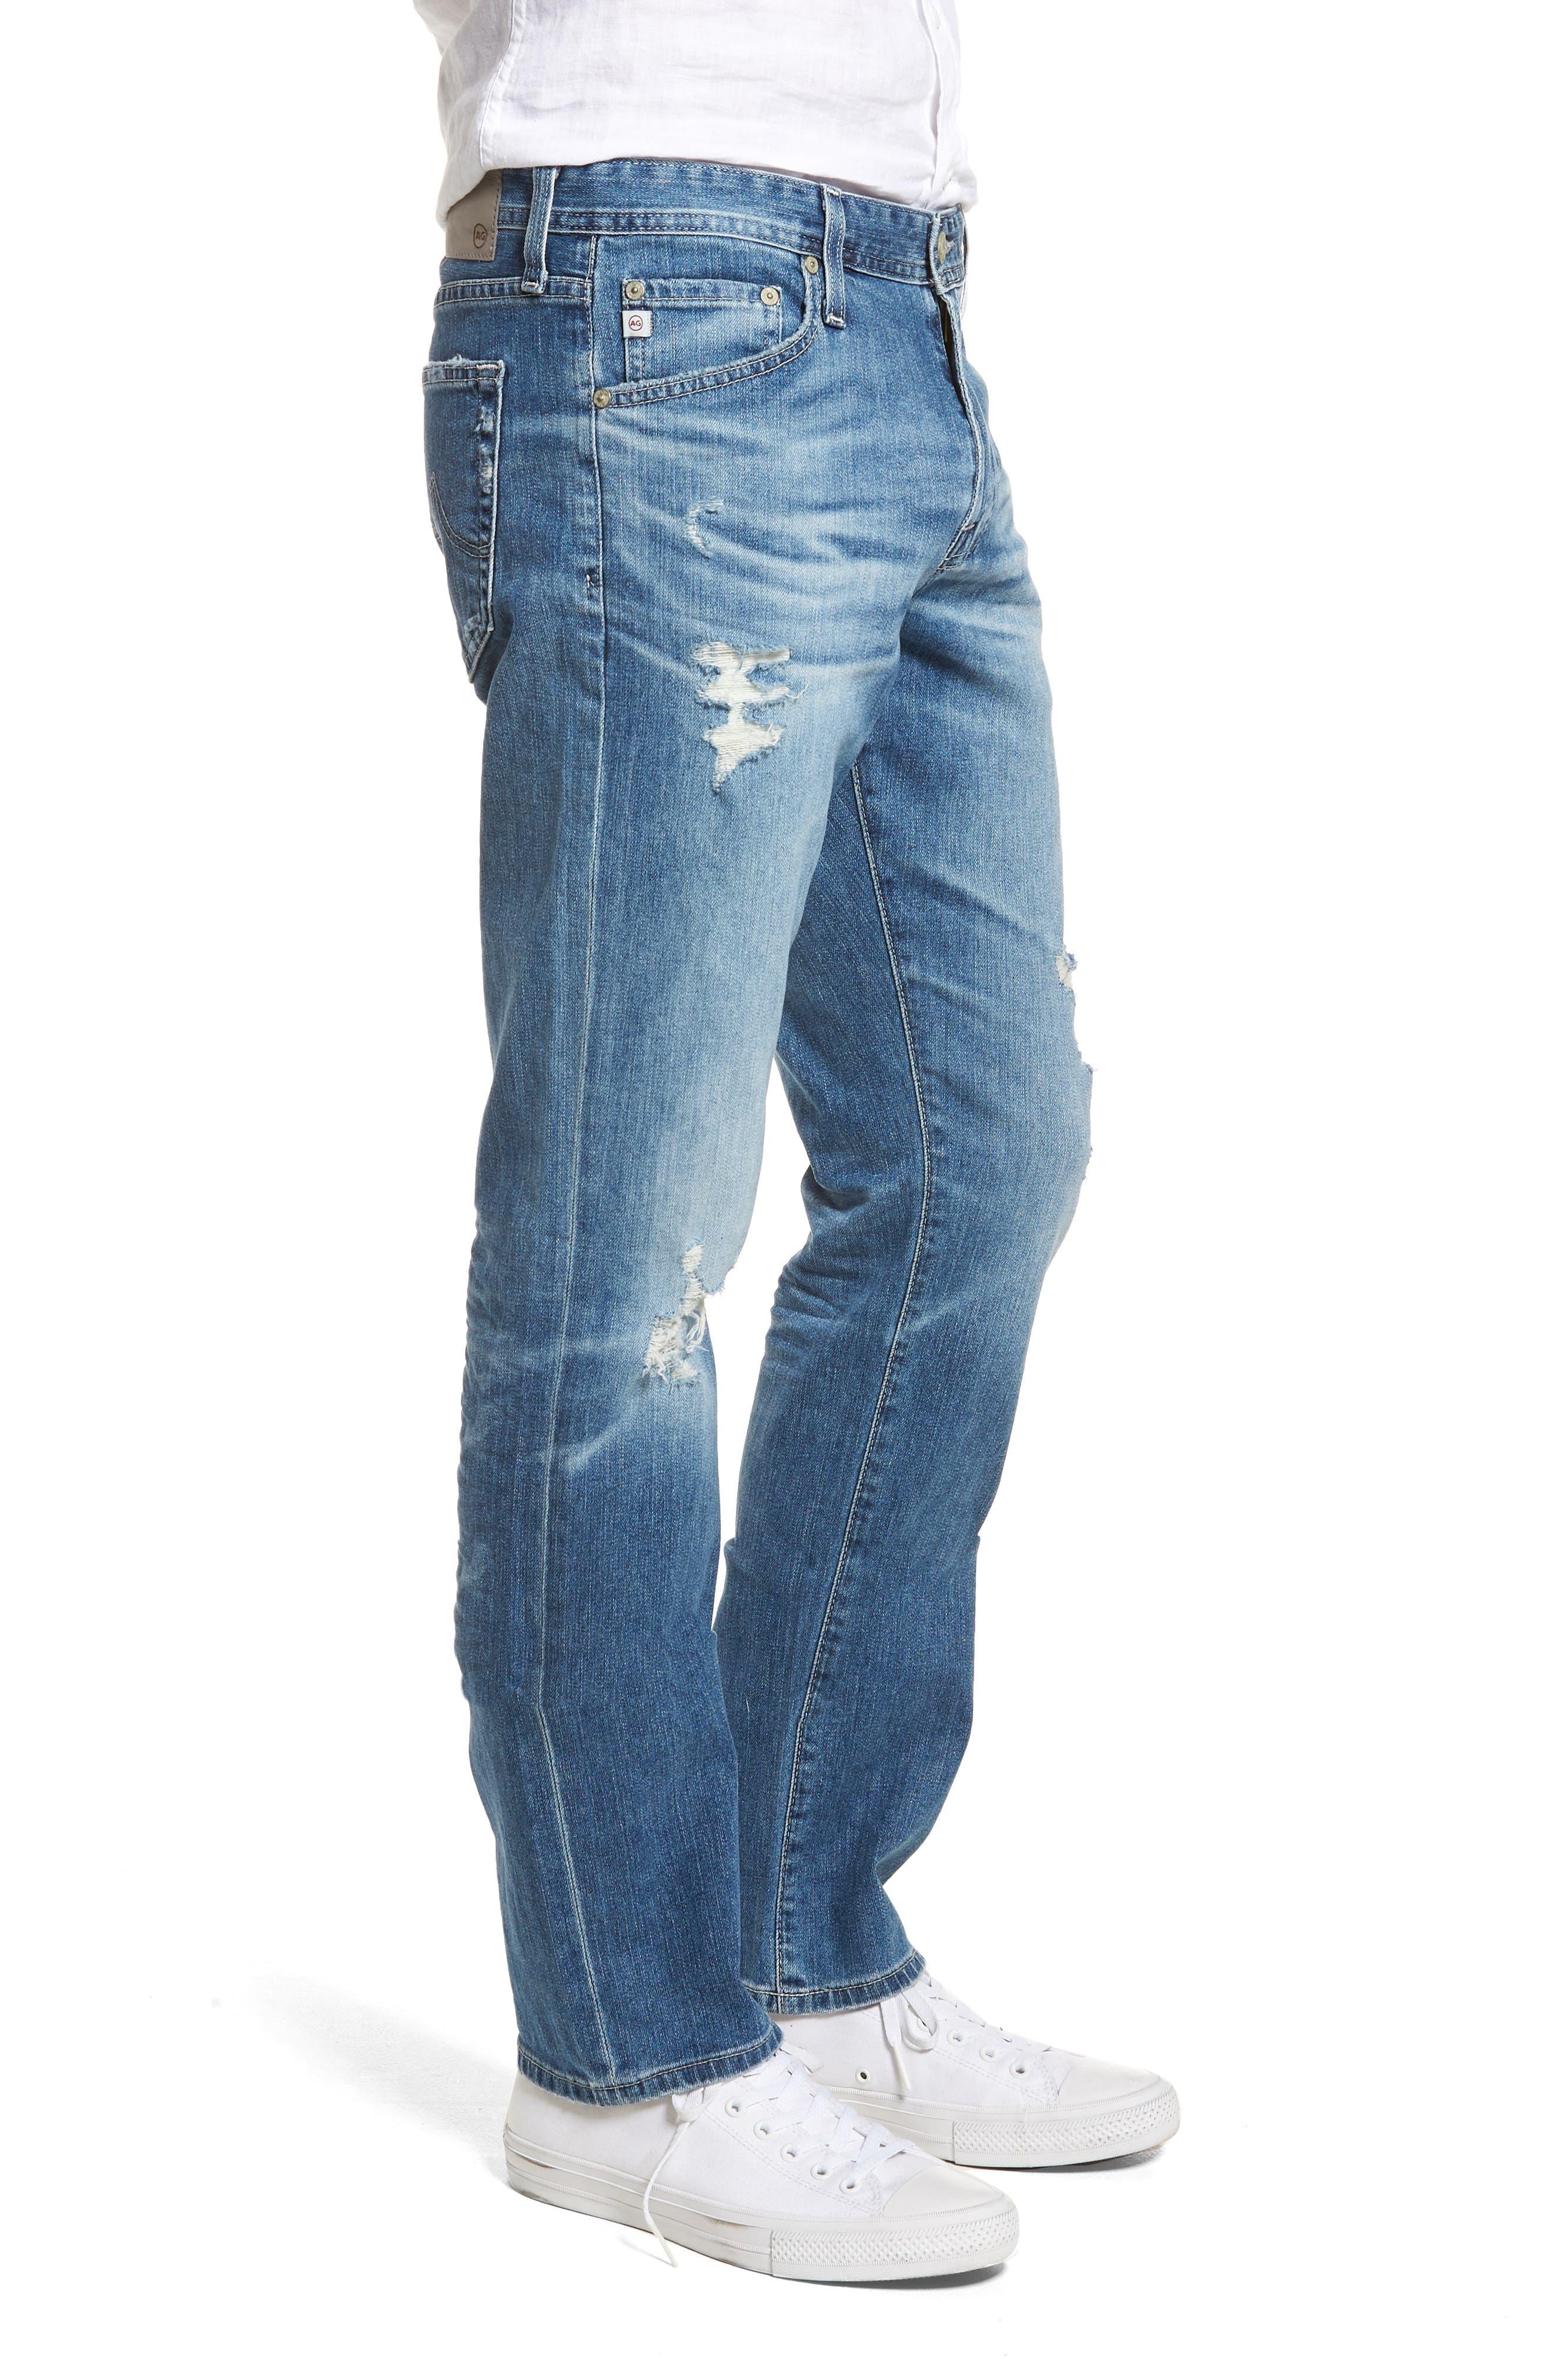 Everett Slim Straight Leg Jeans,                             Alternate thumbnail 3, color,                             15 YEARS SWEPT UP